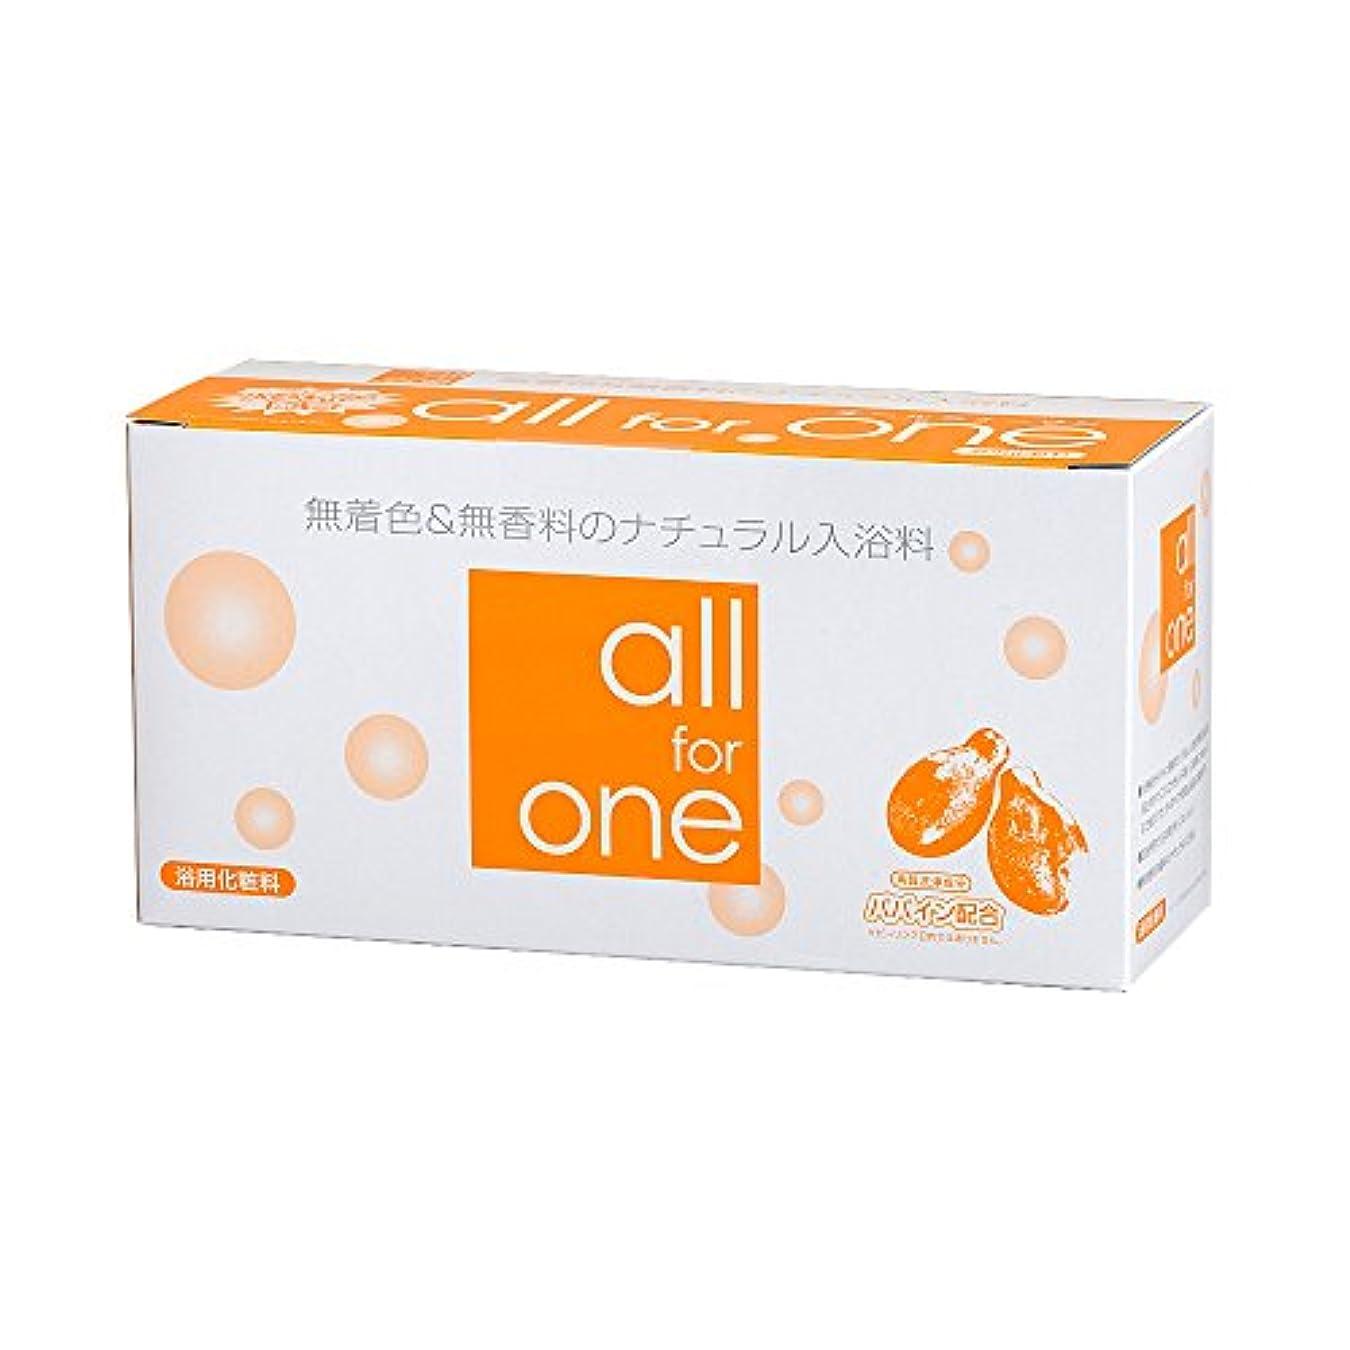 アンデス山脈変更可能口ひげパパイン酵素配合 無着色&無香料 ナチュラル入浴剤 all for one 30包